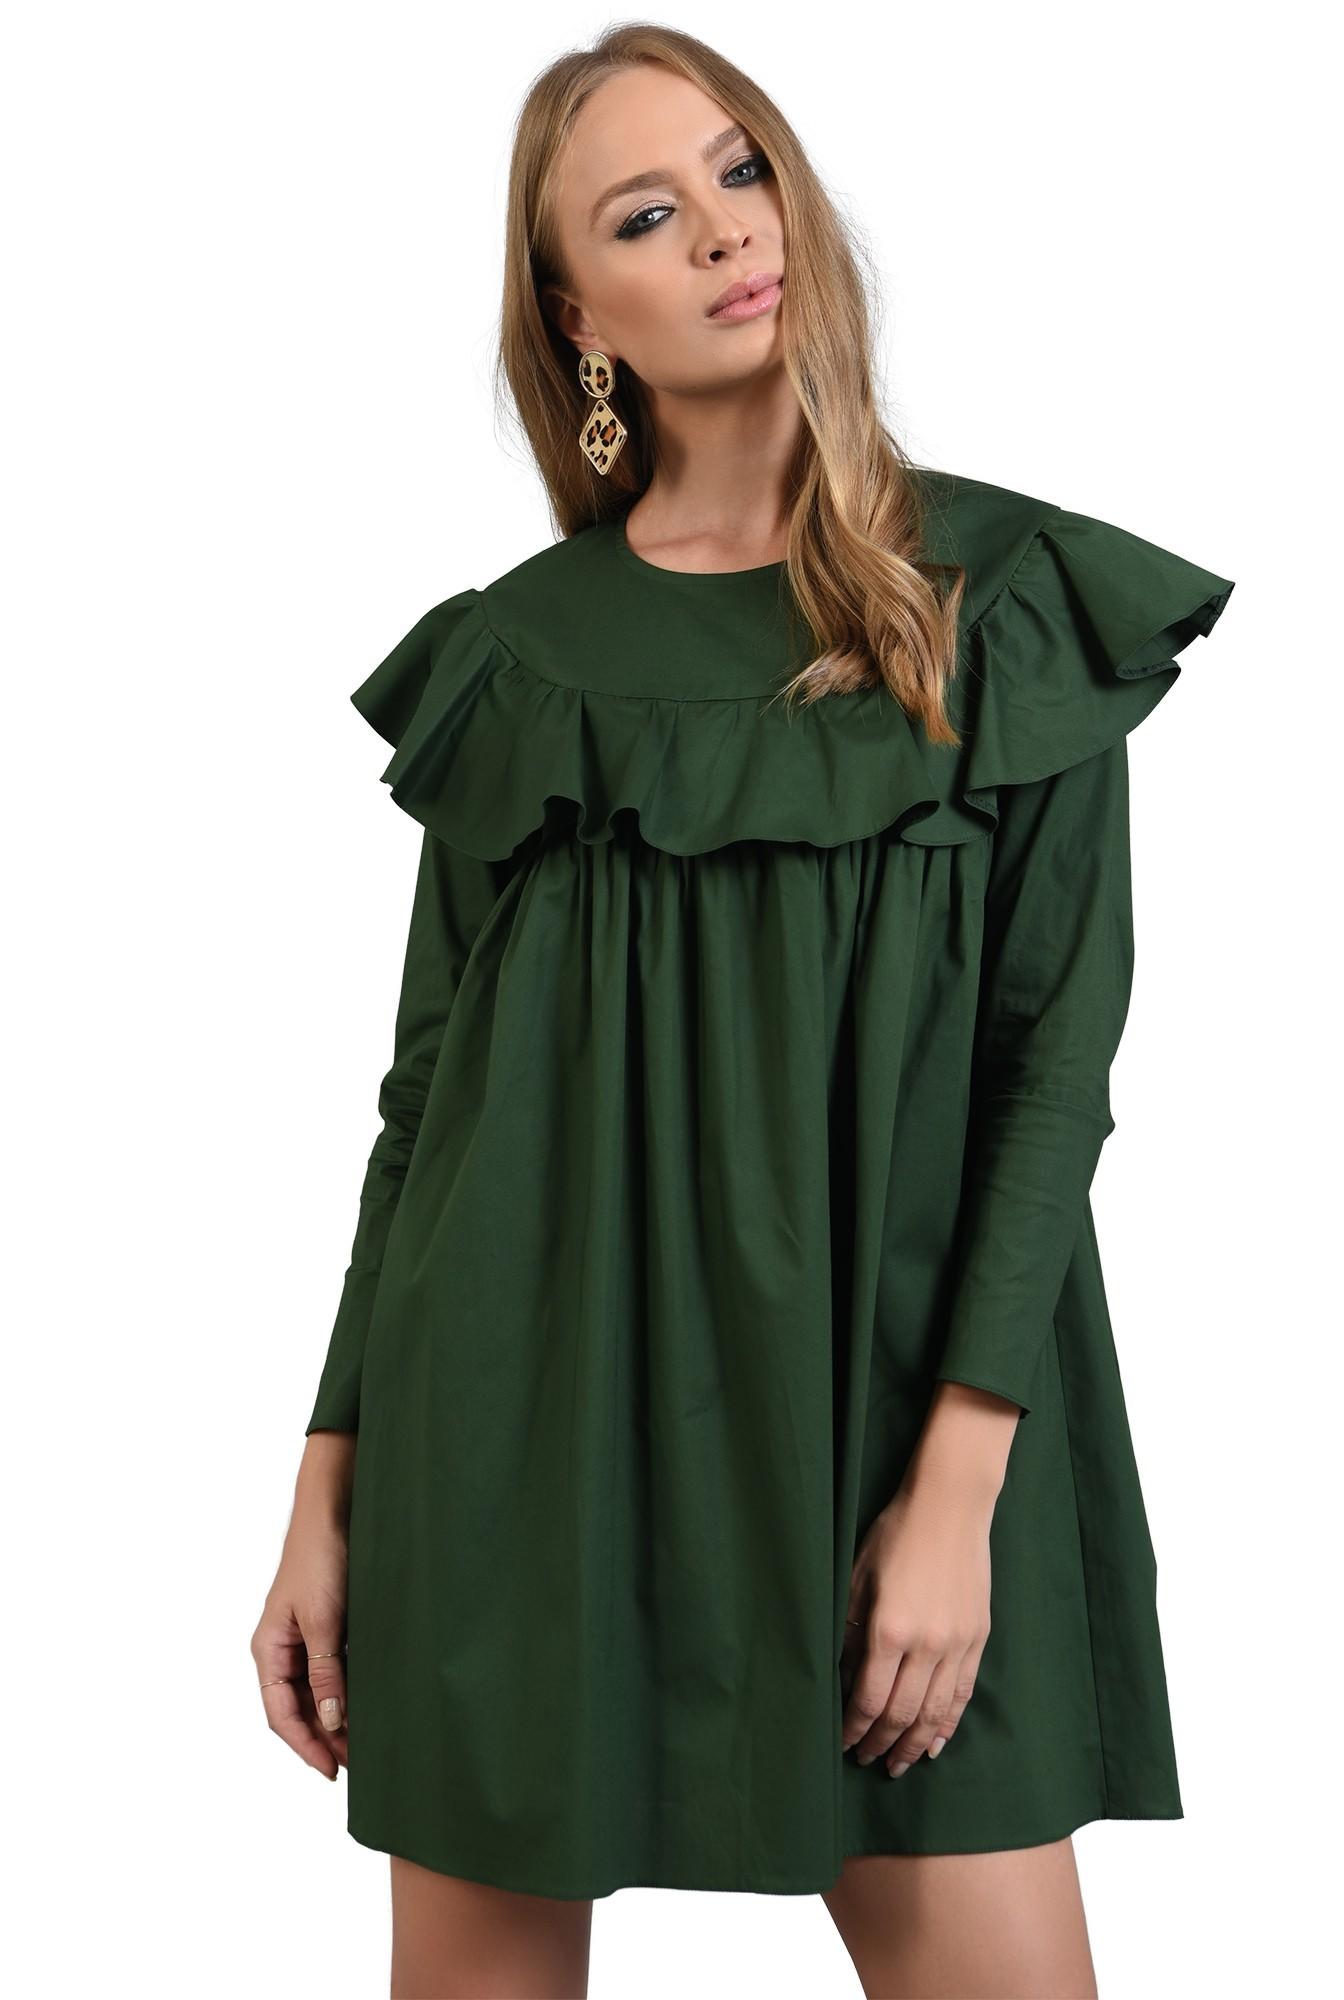 3 - rochie verde, dreapta, cu volan, Poema